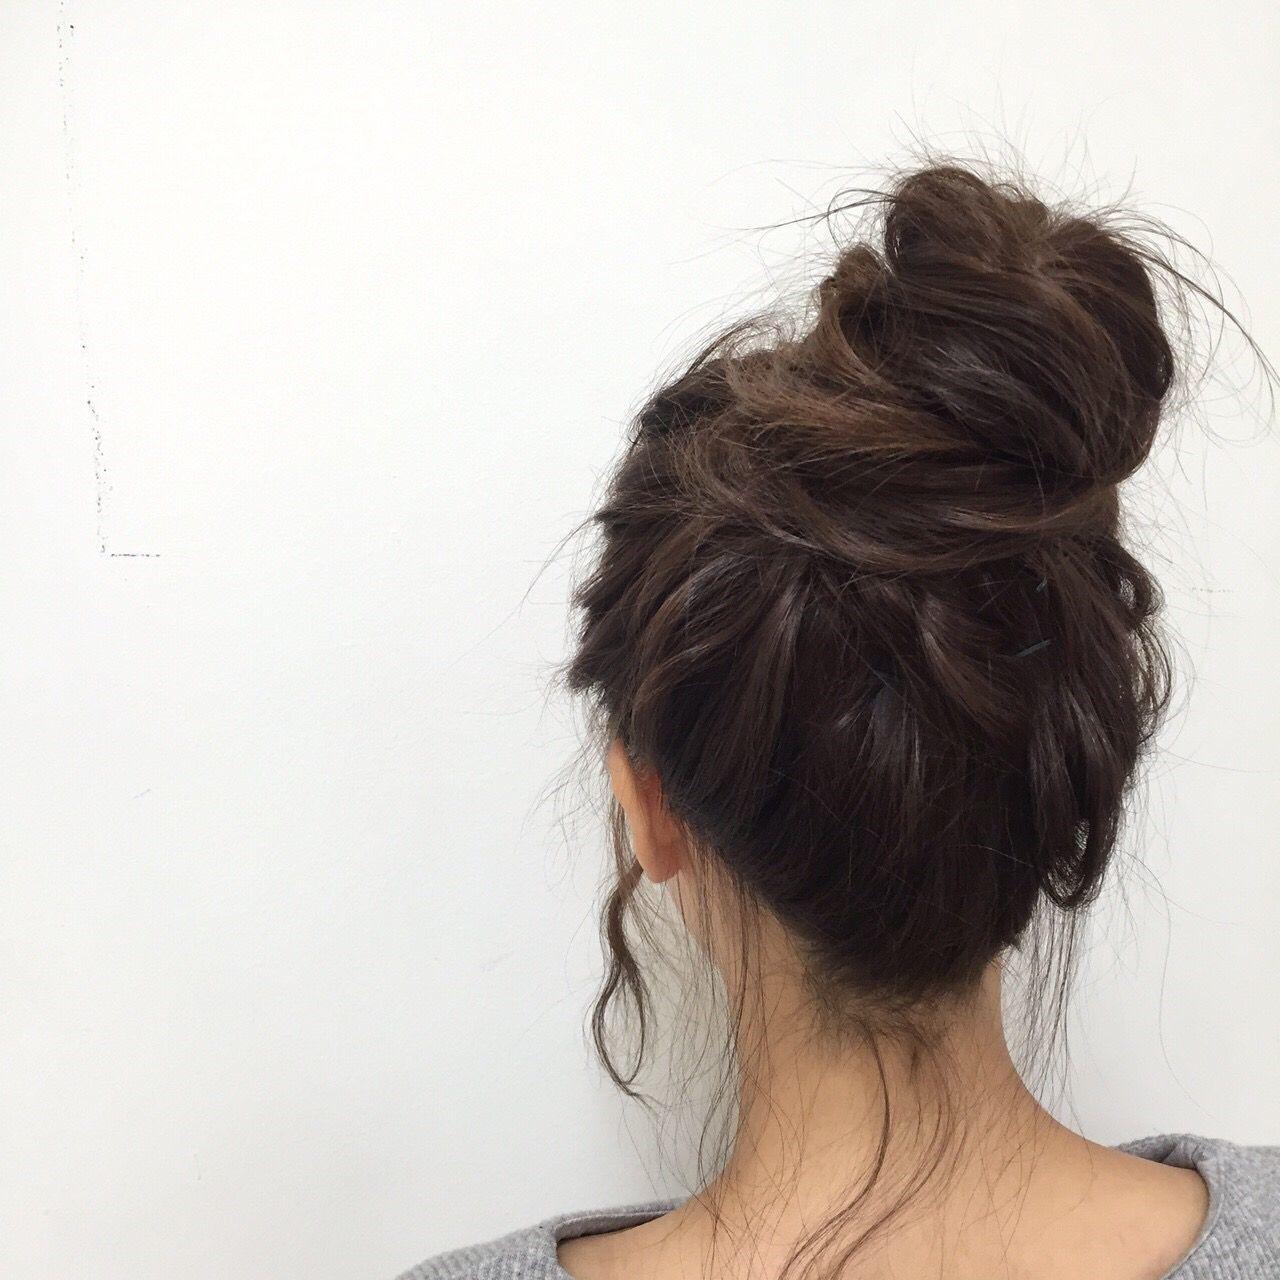 ガーリー お団子 アップスタイル ロング ヘアスタイルや髪型の写真・画像